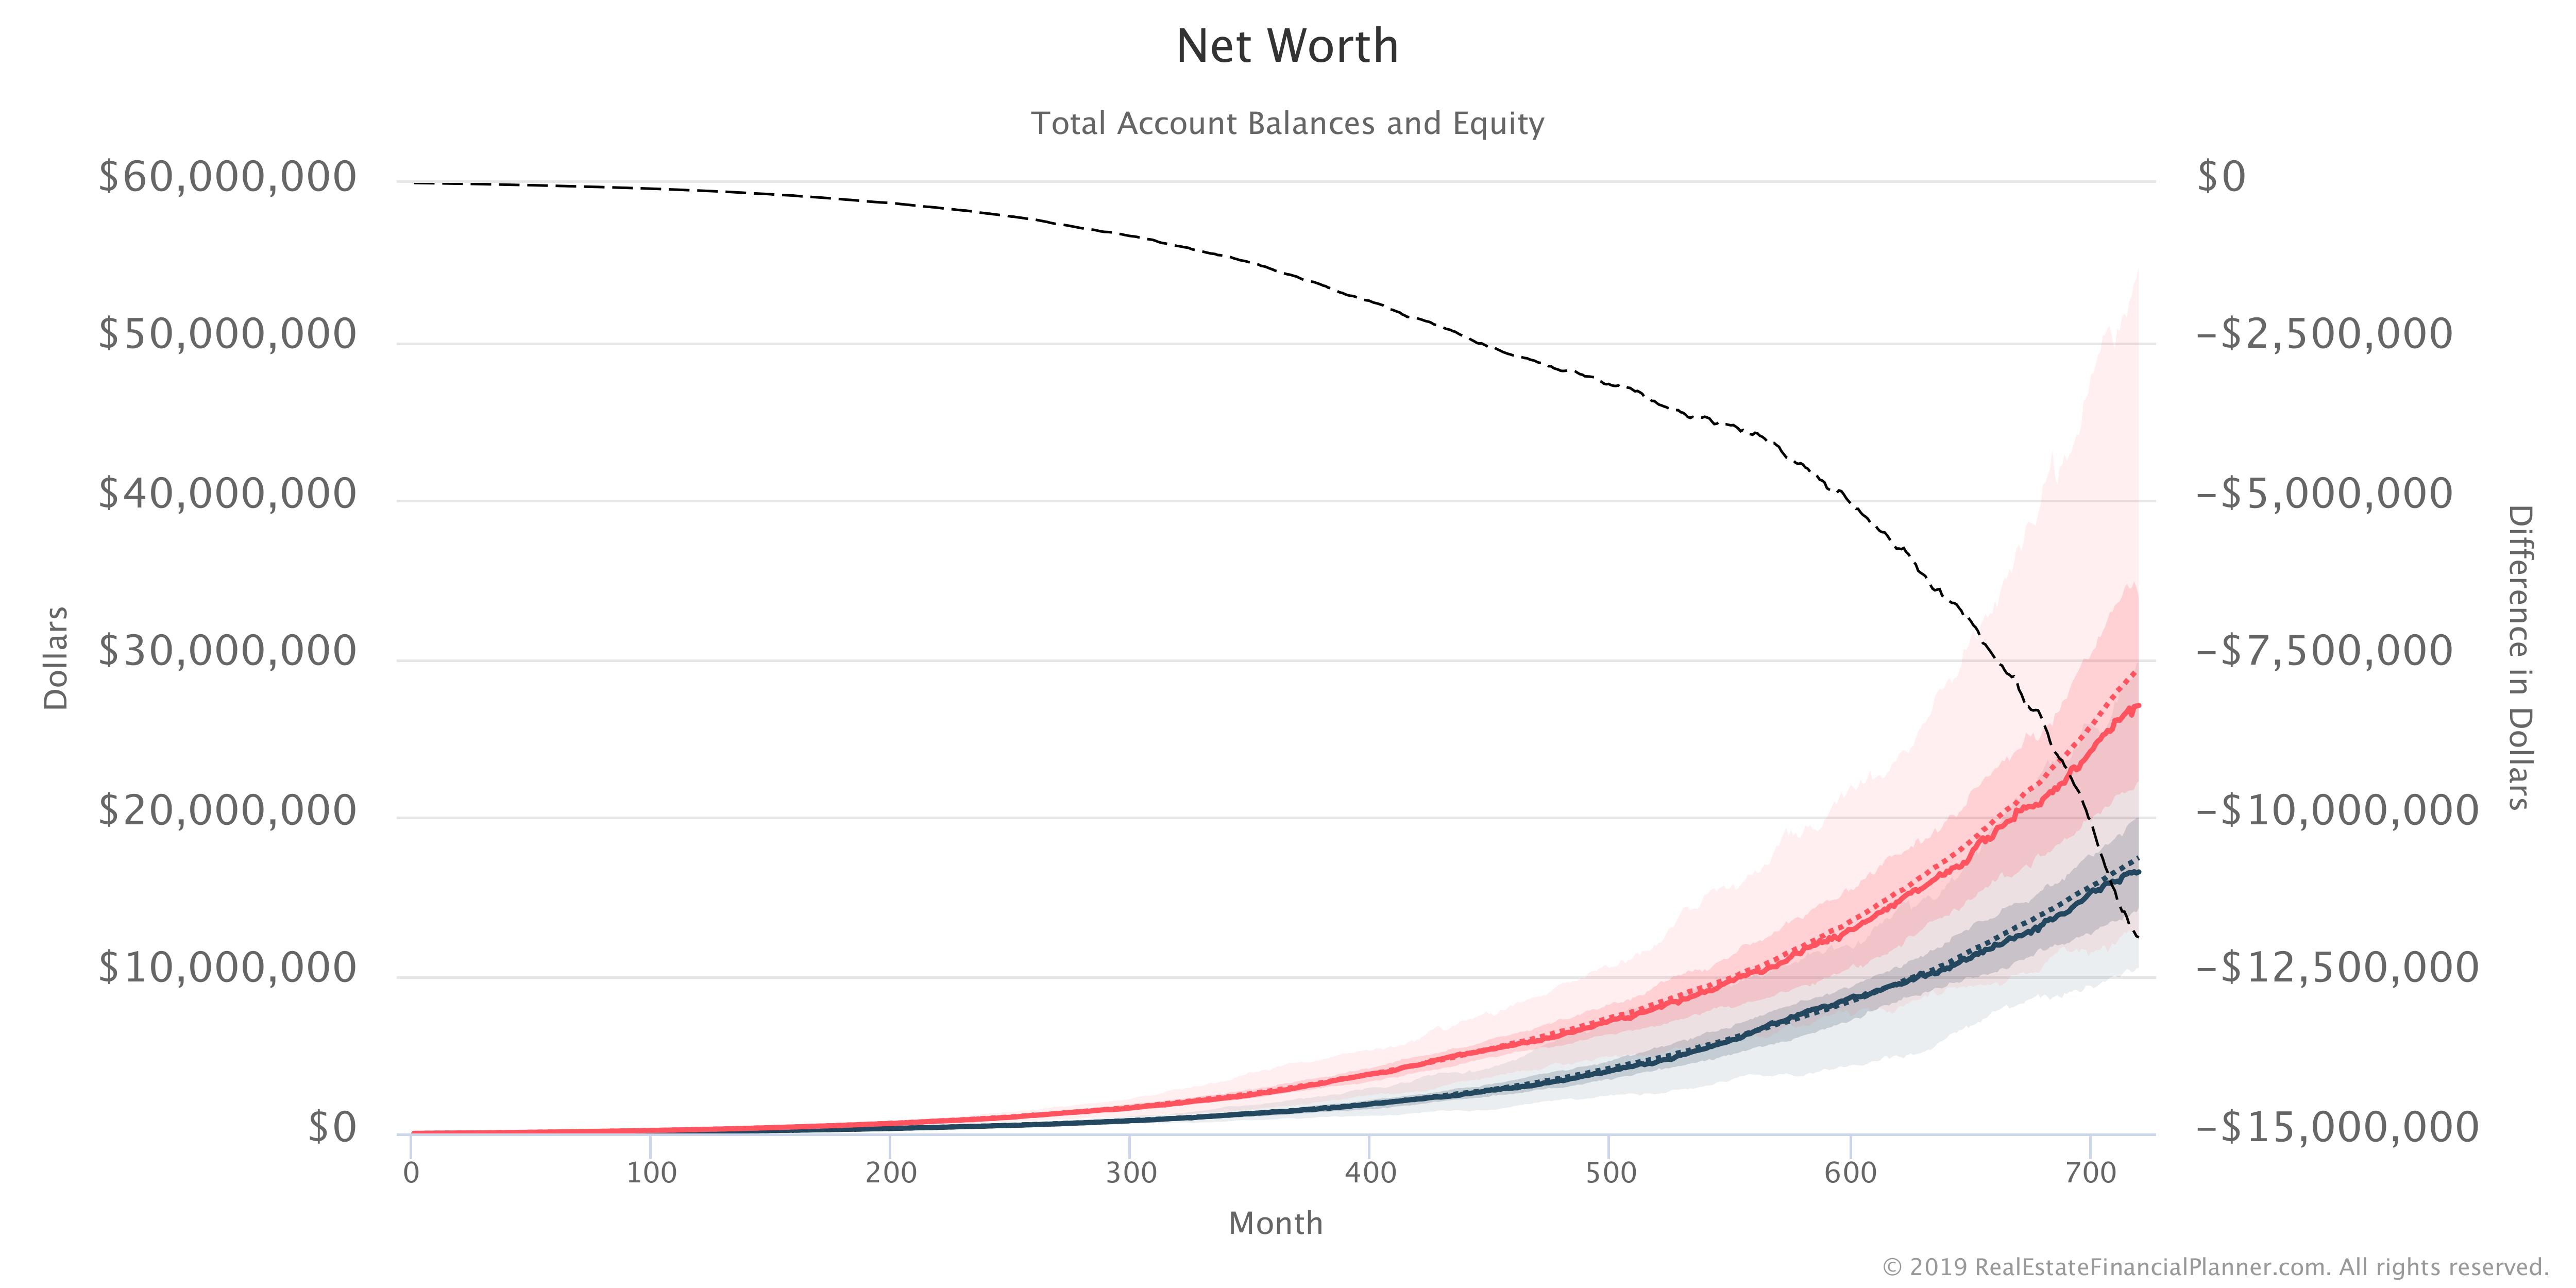 Net Worth of 2 Monte Carlo Scenarios